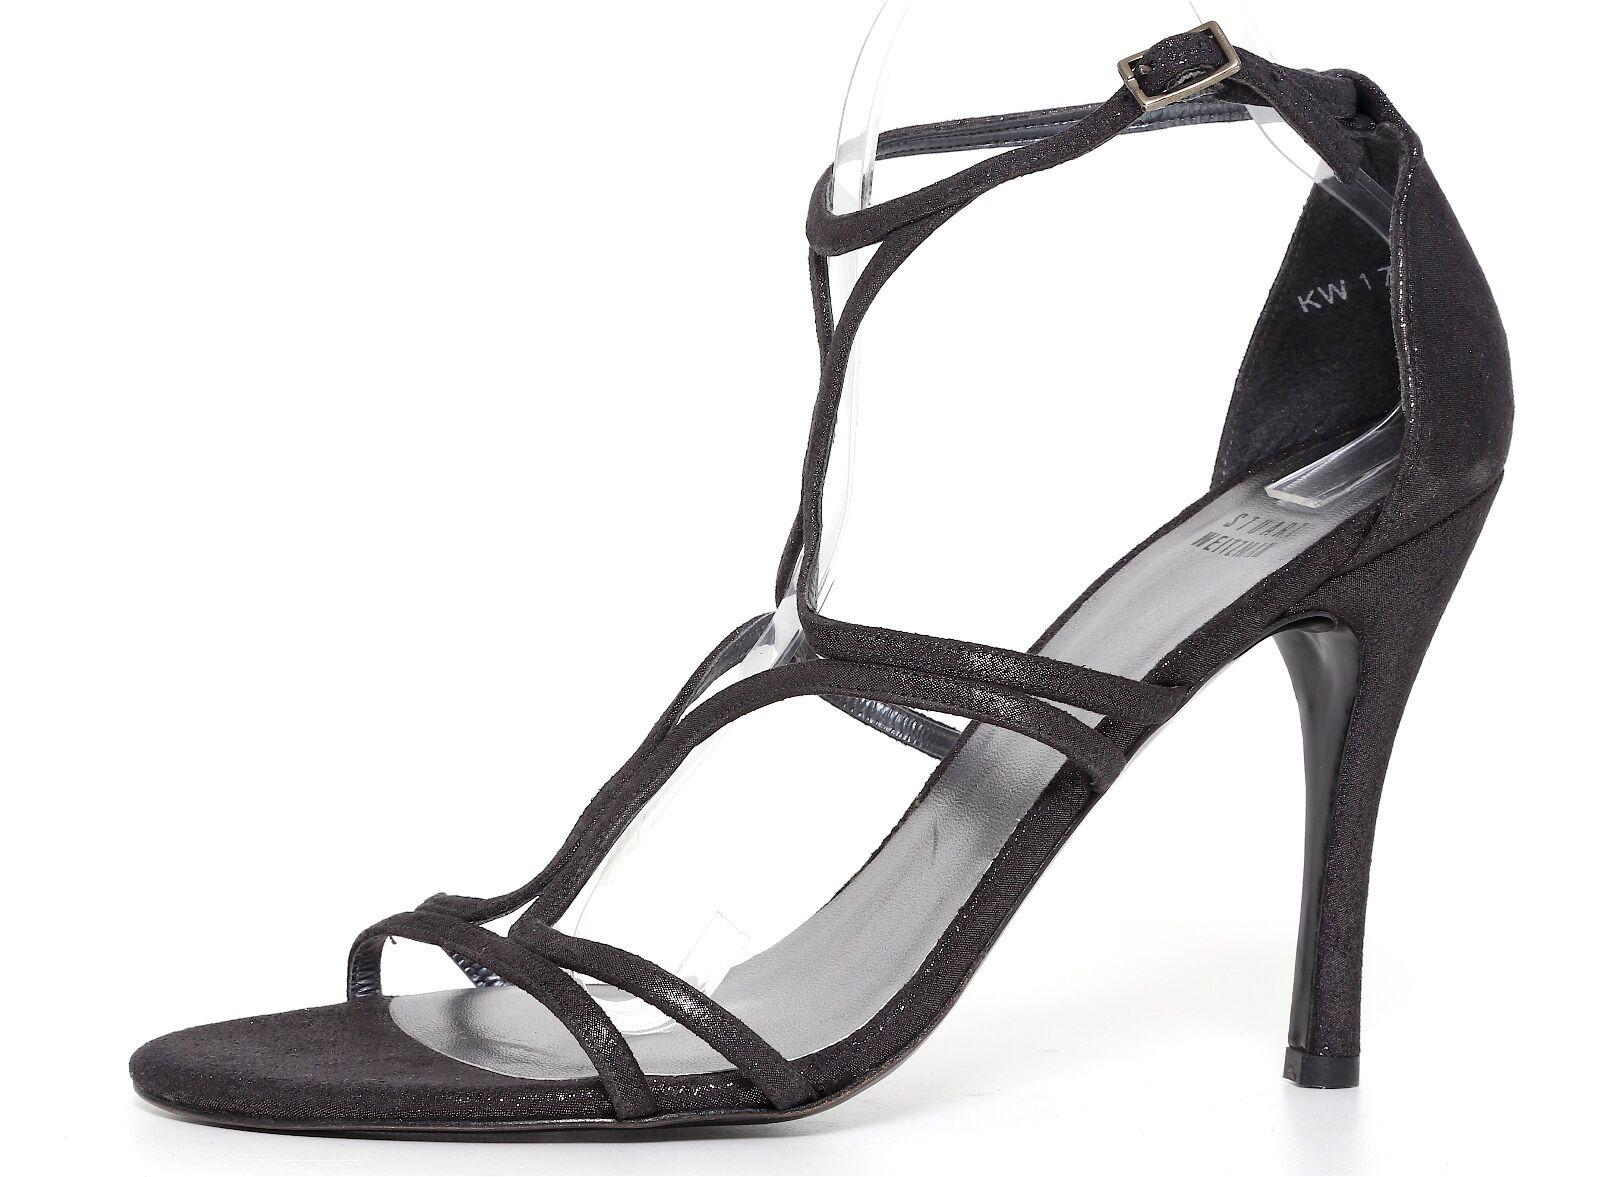 connotazione di lusso low-key Stuart Weitzman Ankle Strap Suede Sandals nero Glitter donna Sz Sz Sz 10 M 6809  prima qualità ai consumatori